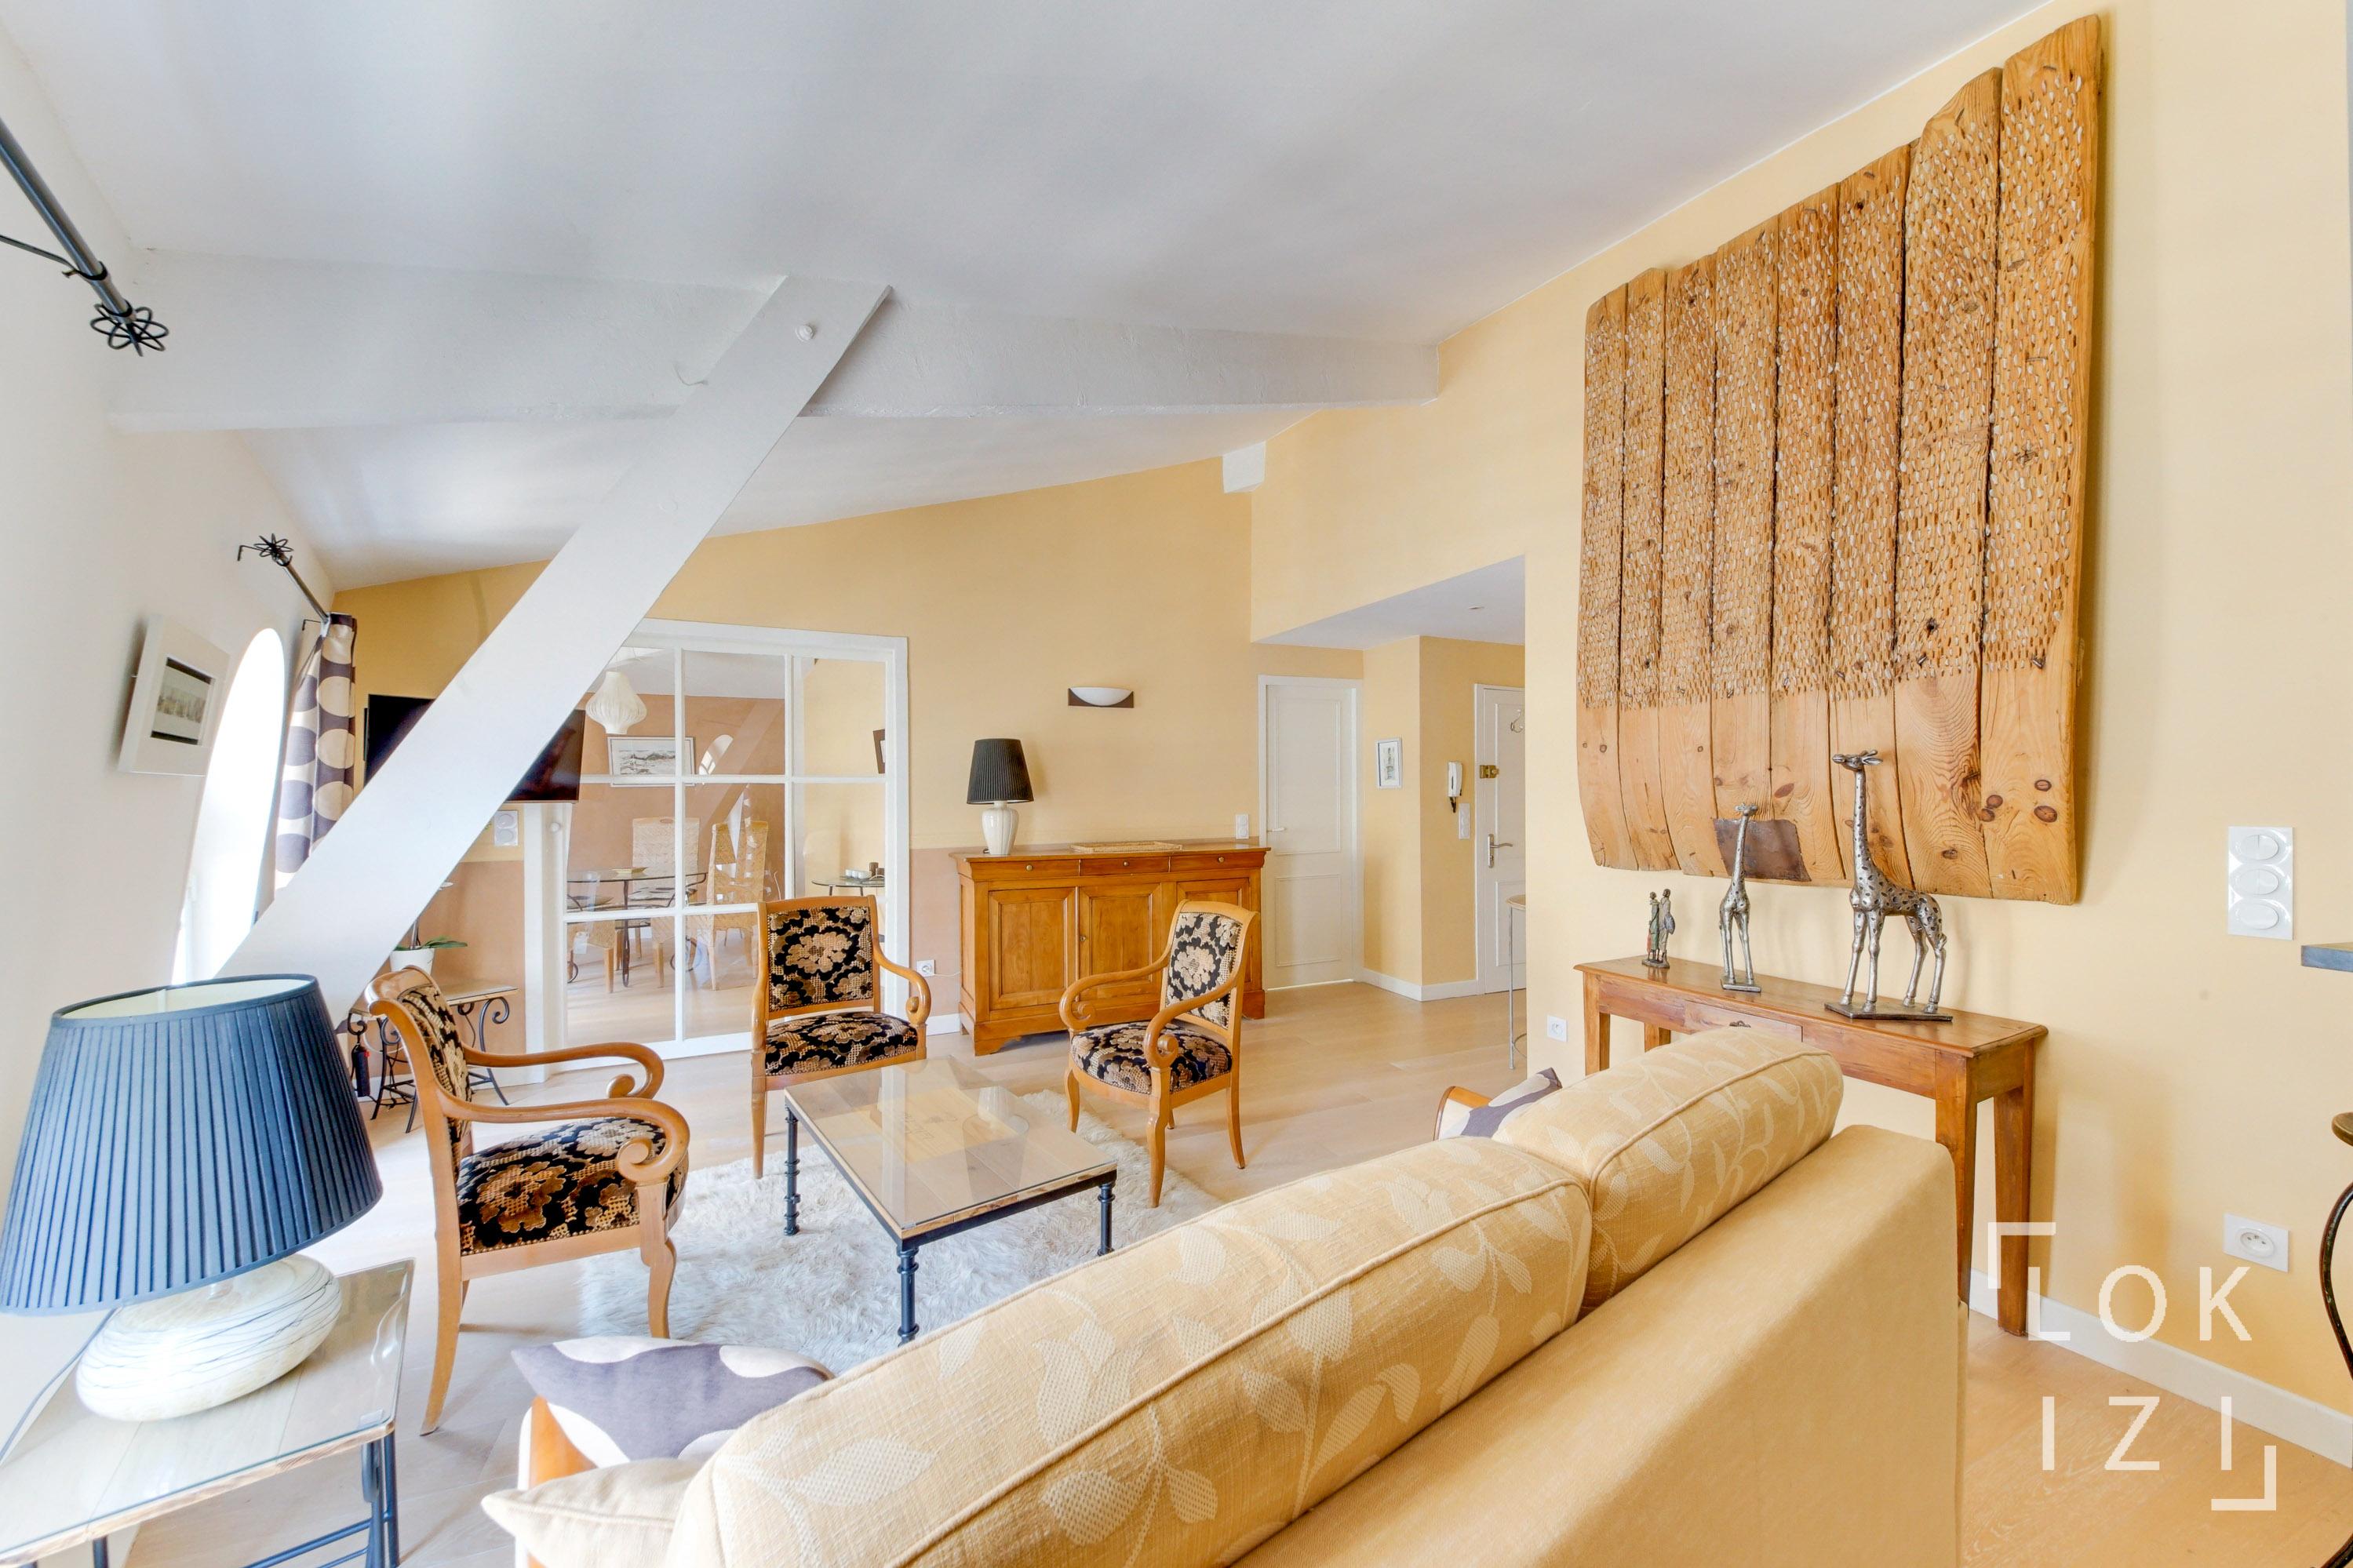 Location Appartement Meublé 1 Chambre 56M² (Bordeaux - Bourse) à Sci Familiale Location Meublée